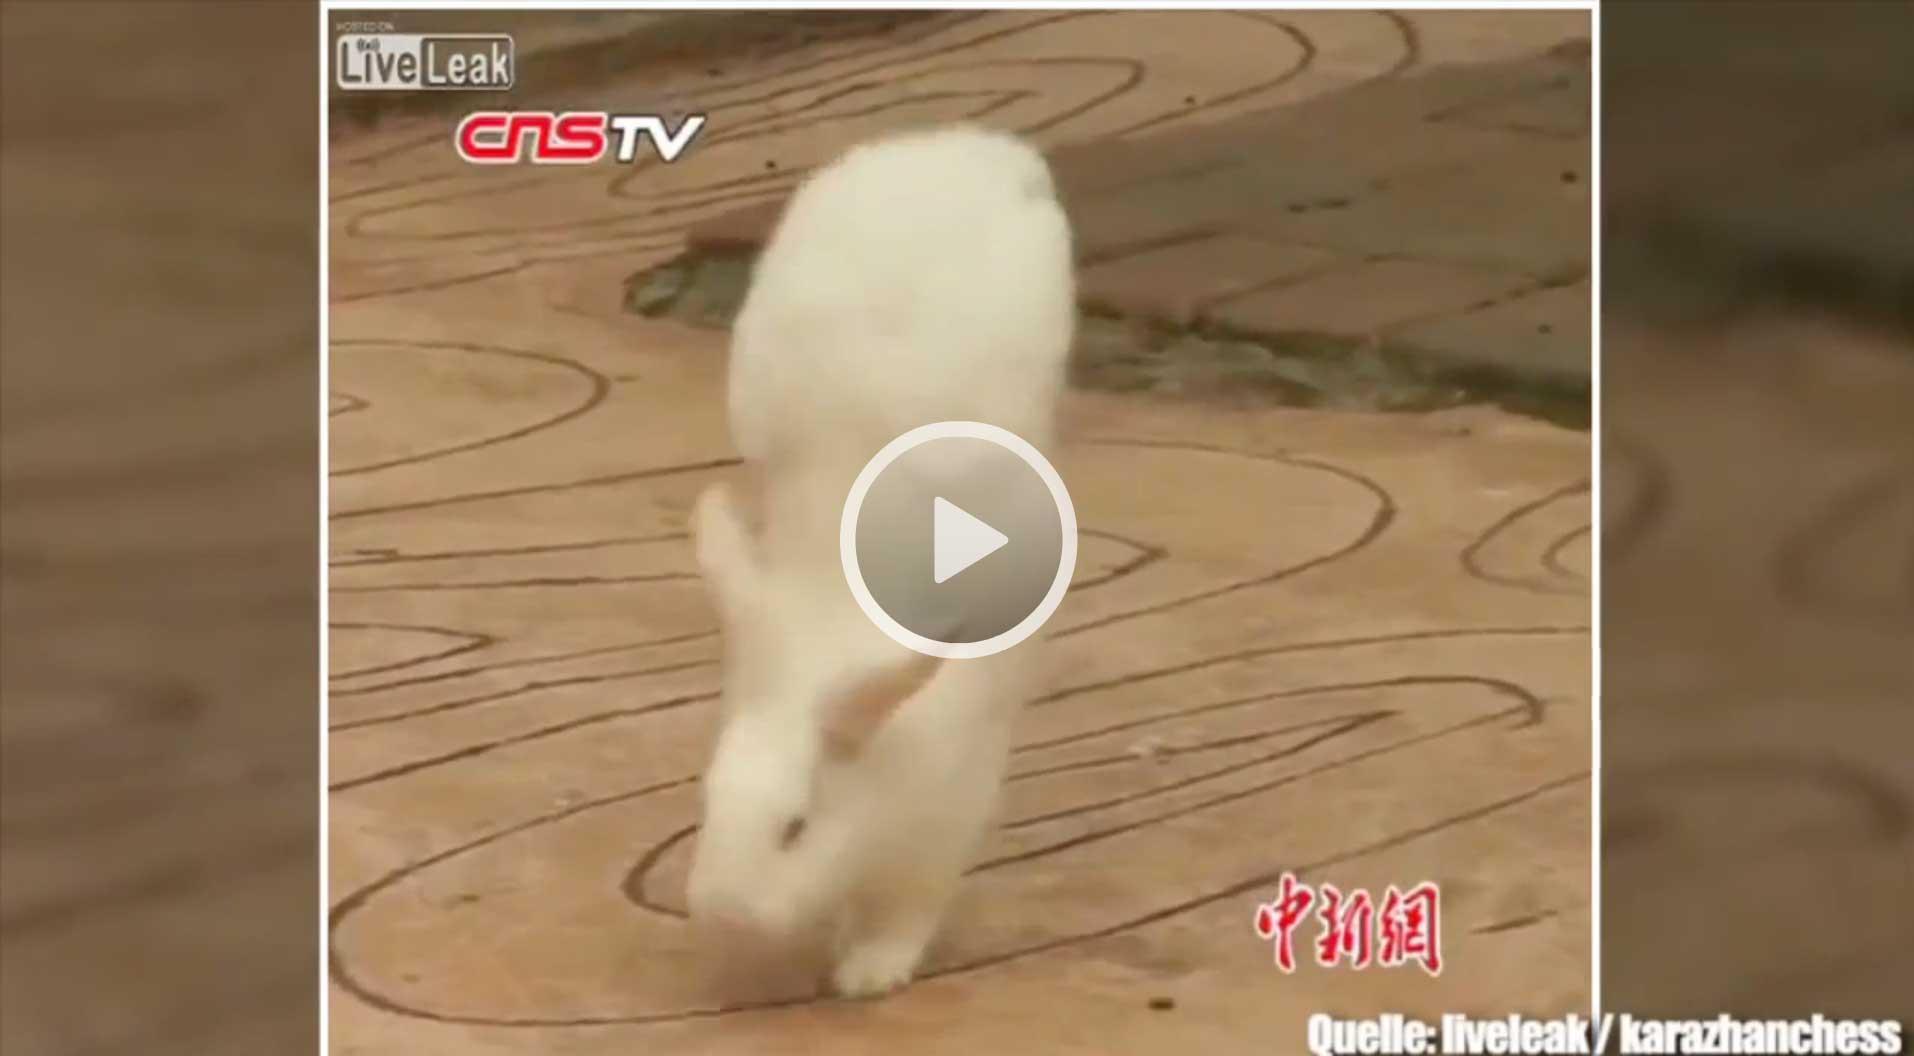 Dieses Kaninchen läuft im Handstand - Bildquelle: Video Stern (siehe oben) / Liveleak